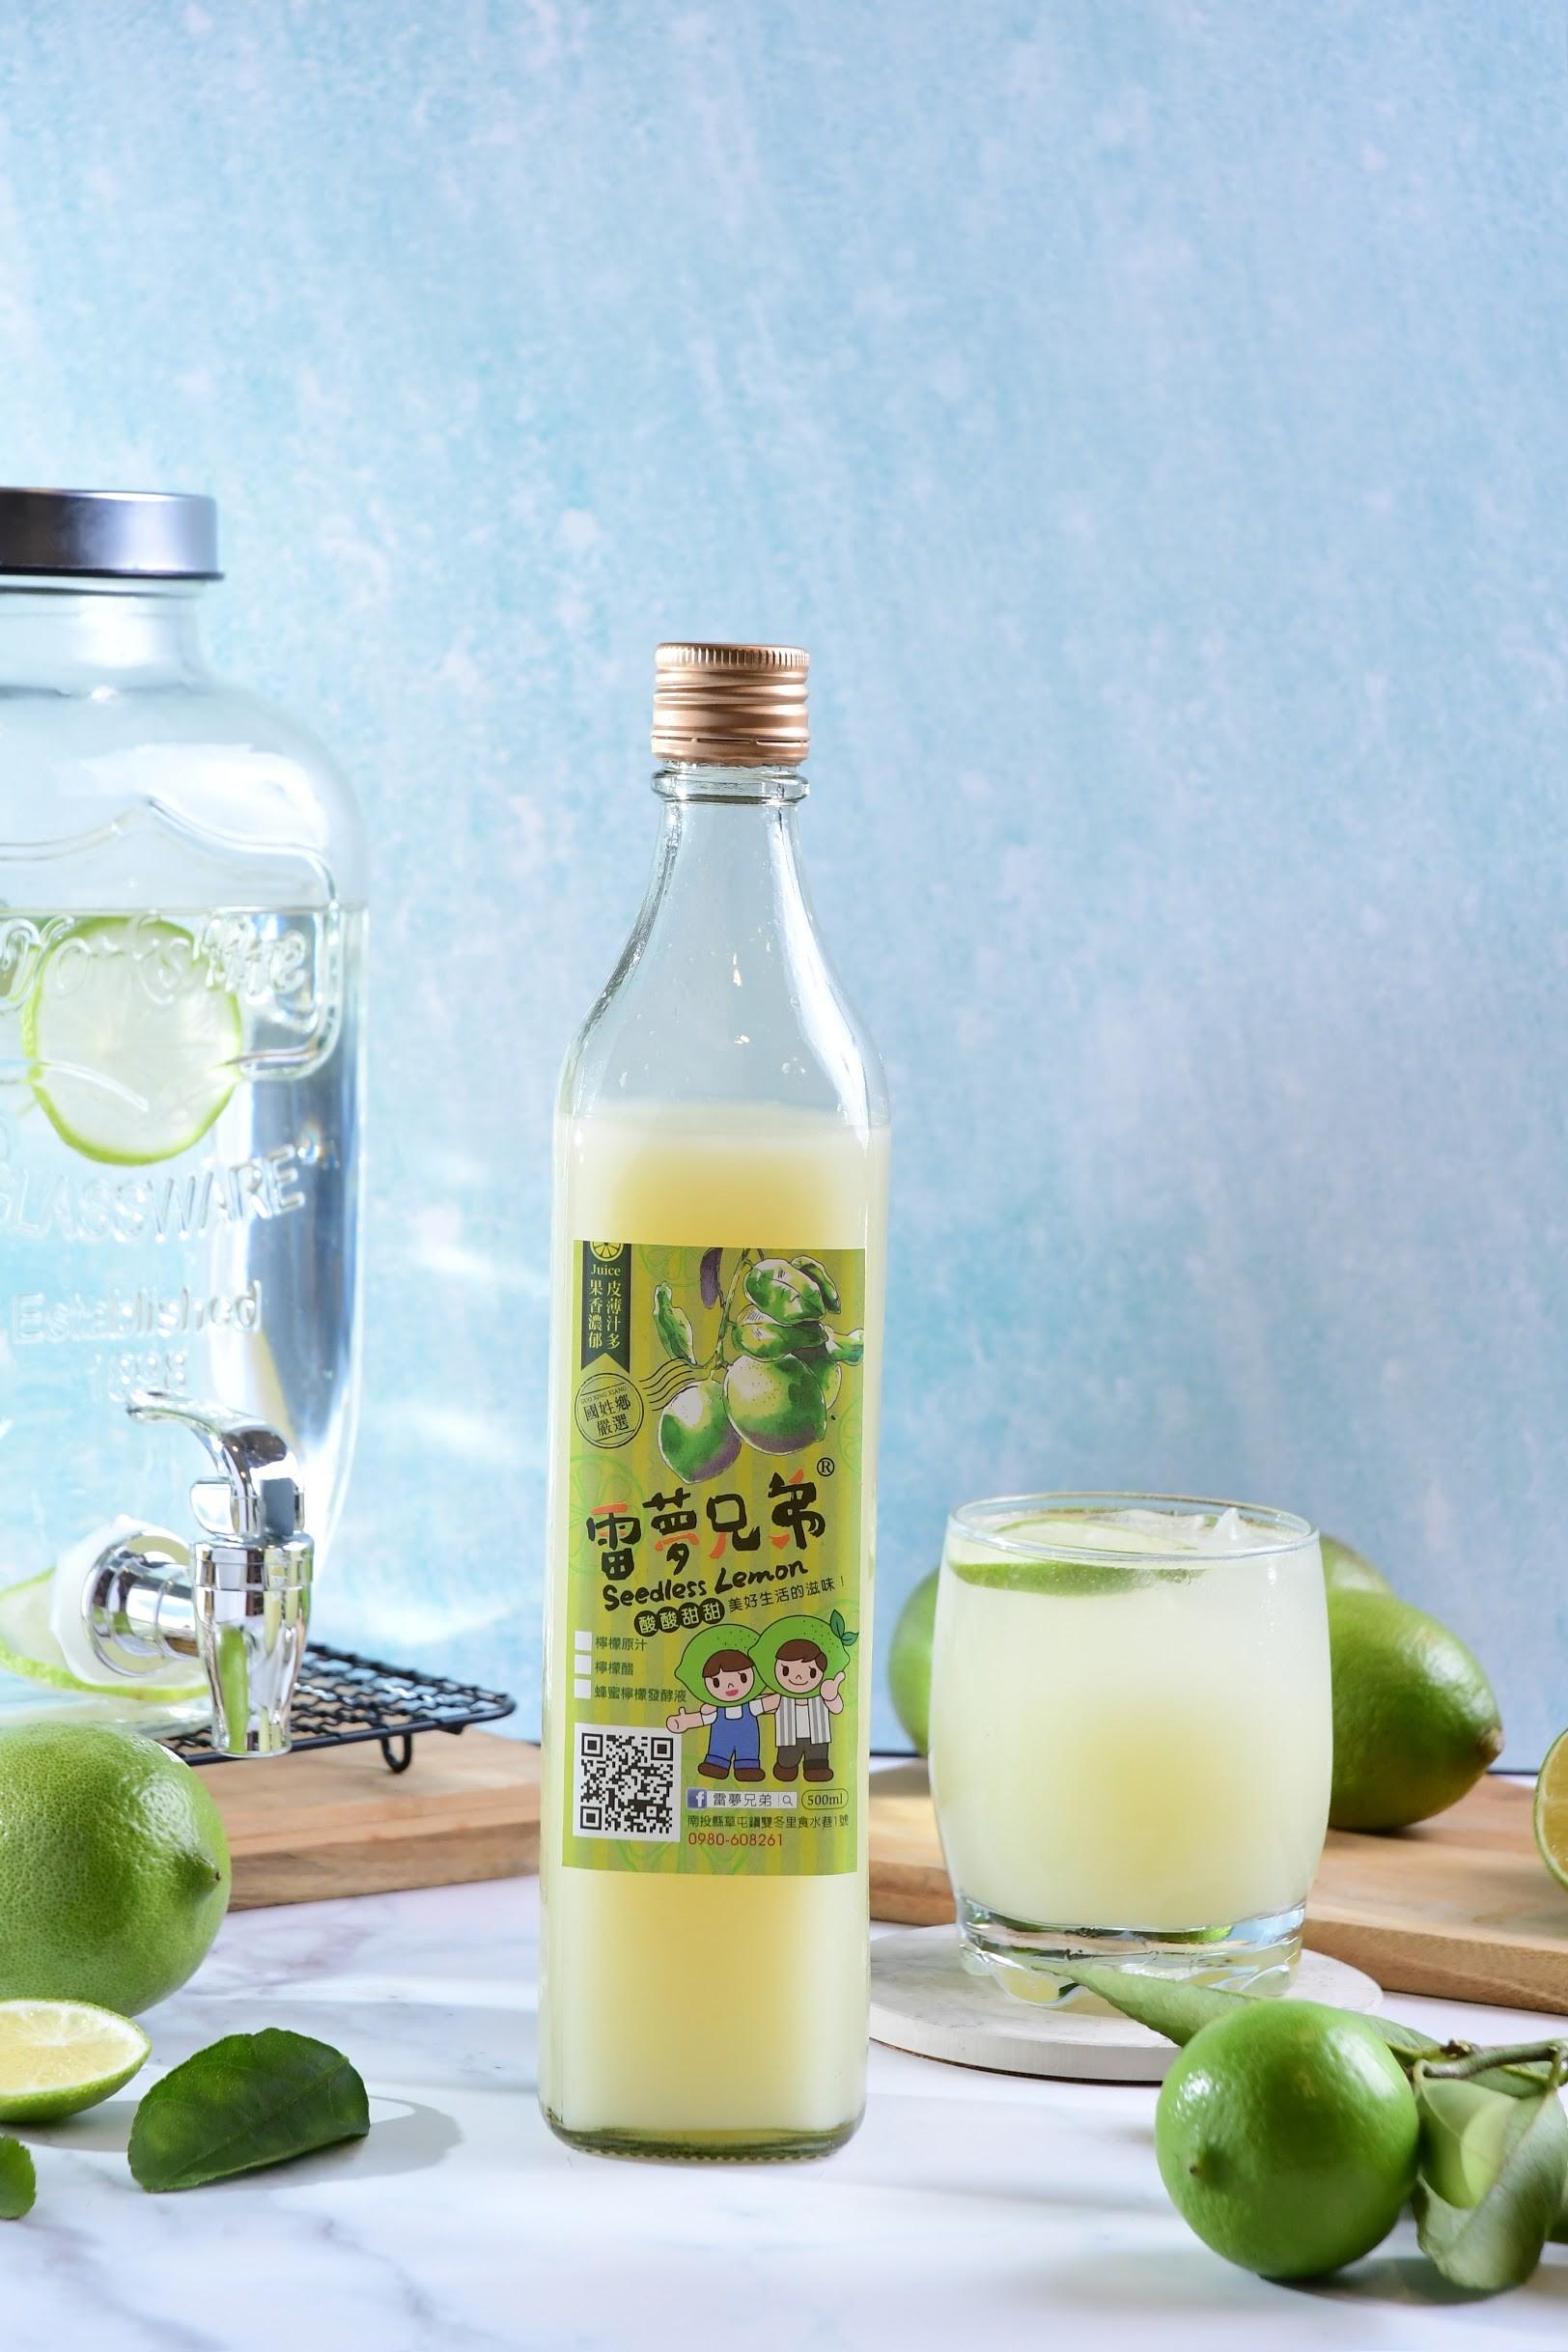 感恩回饋結帳輸入折扣碼「IU205AQRTSRP」,在打【85】折-【免運費】特價無毒檸檬原汁 | 鮮檸檬汁 | 檸檬汁 | 檸檬水 | TLS全新生活 (5瓶裝)500cc&